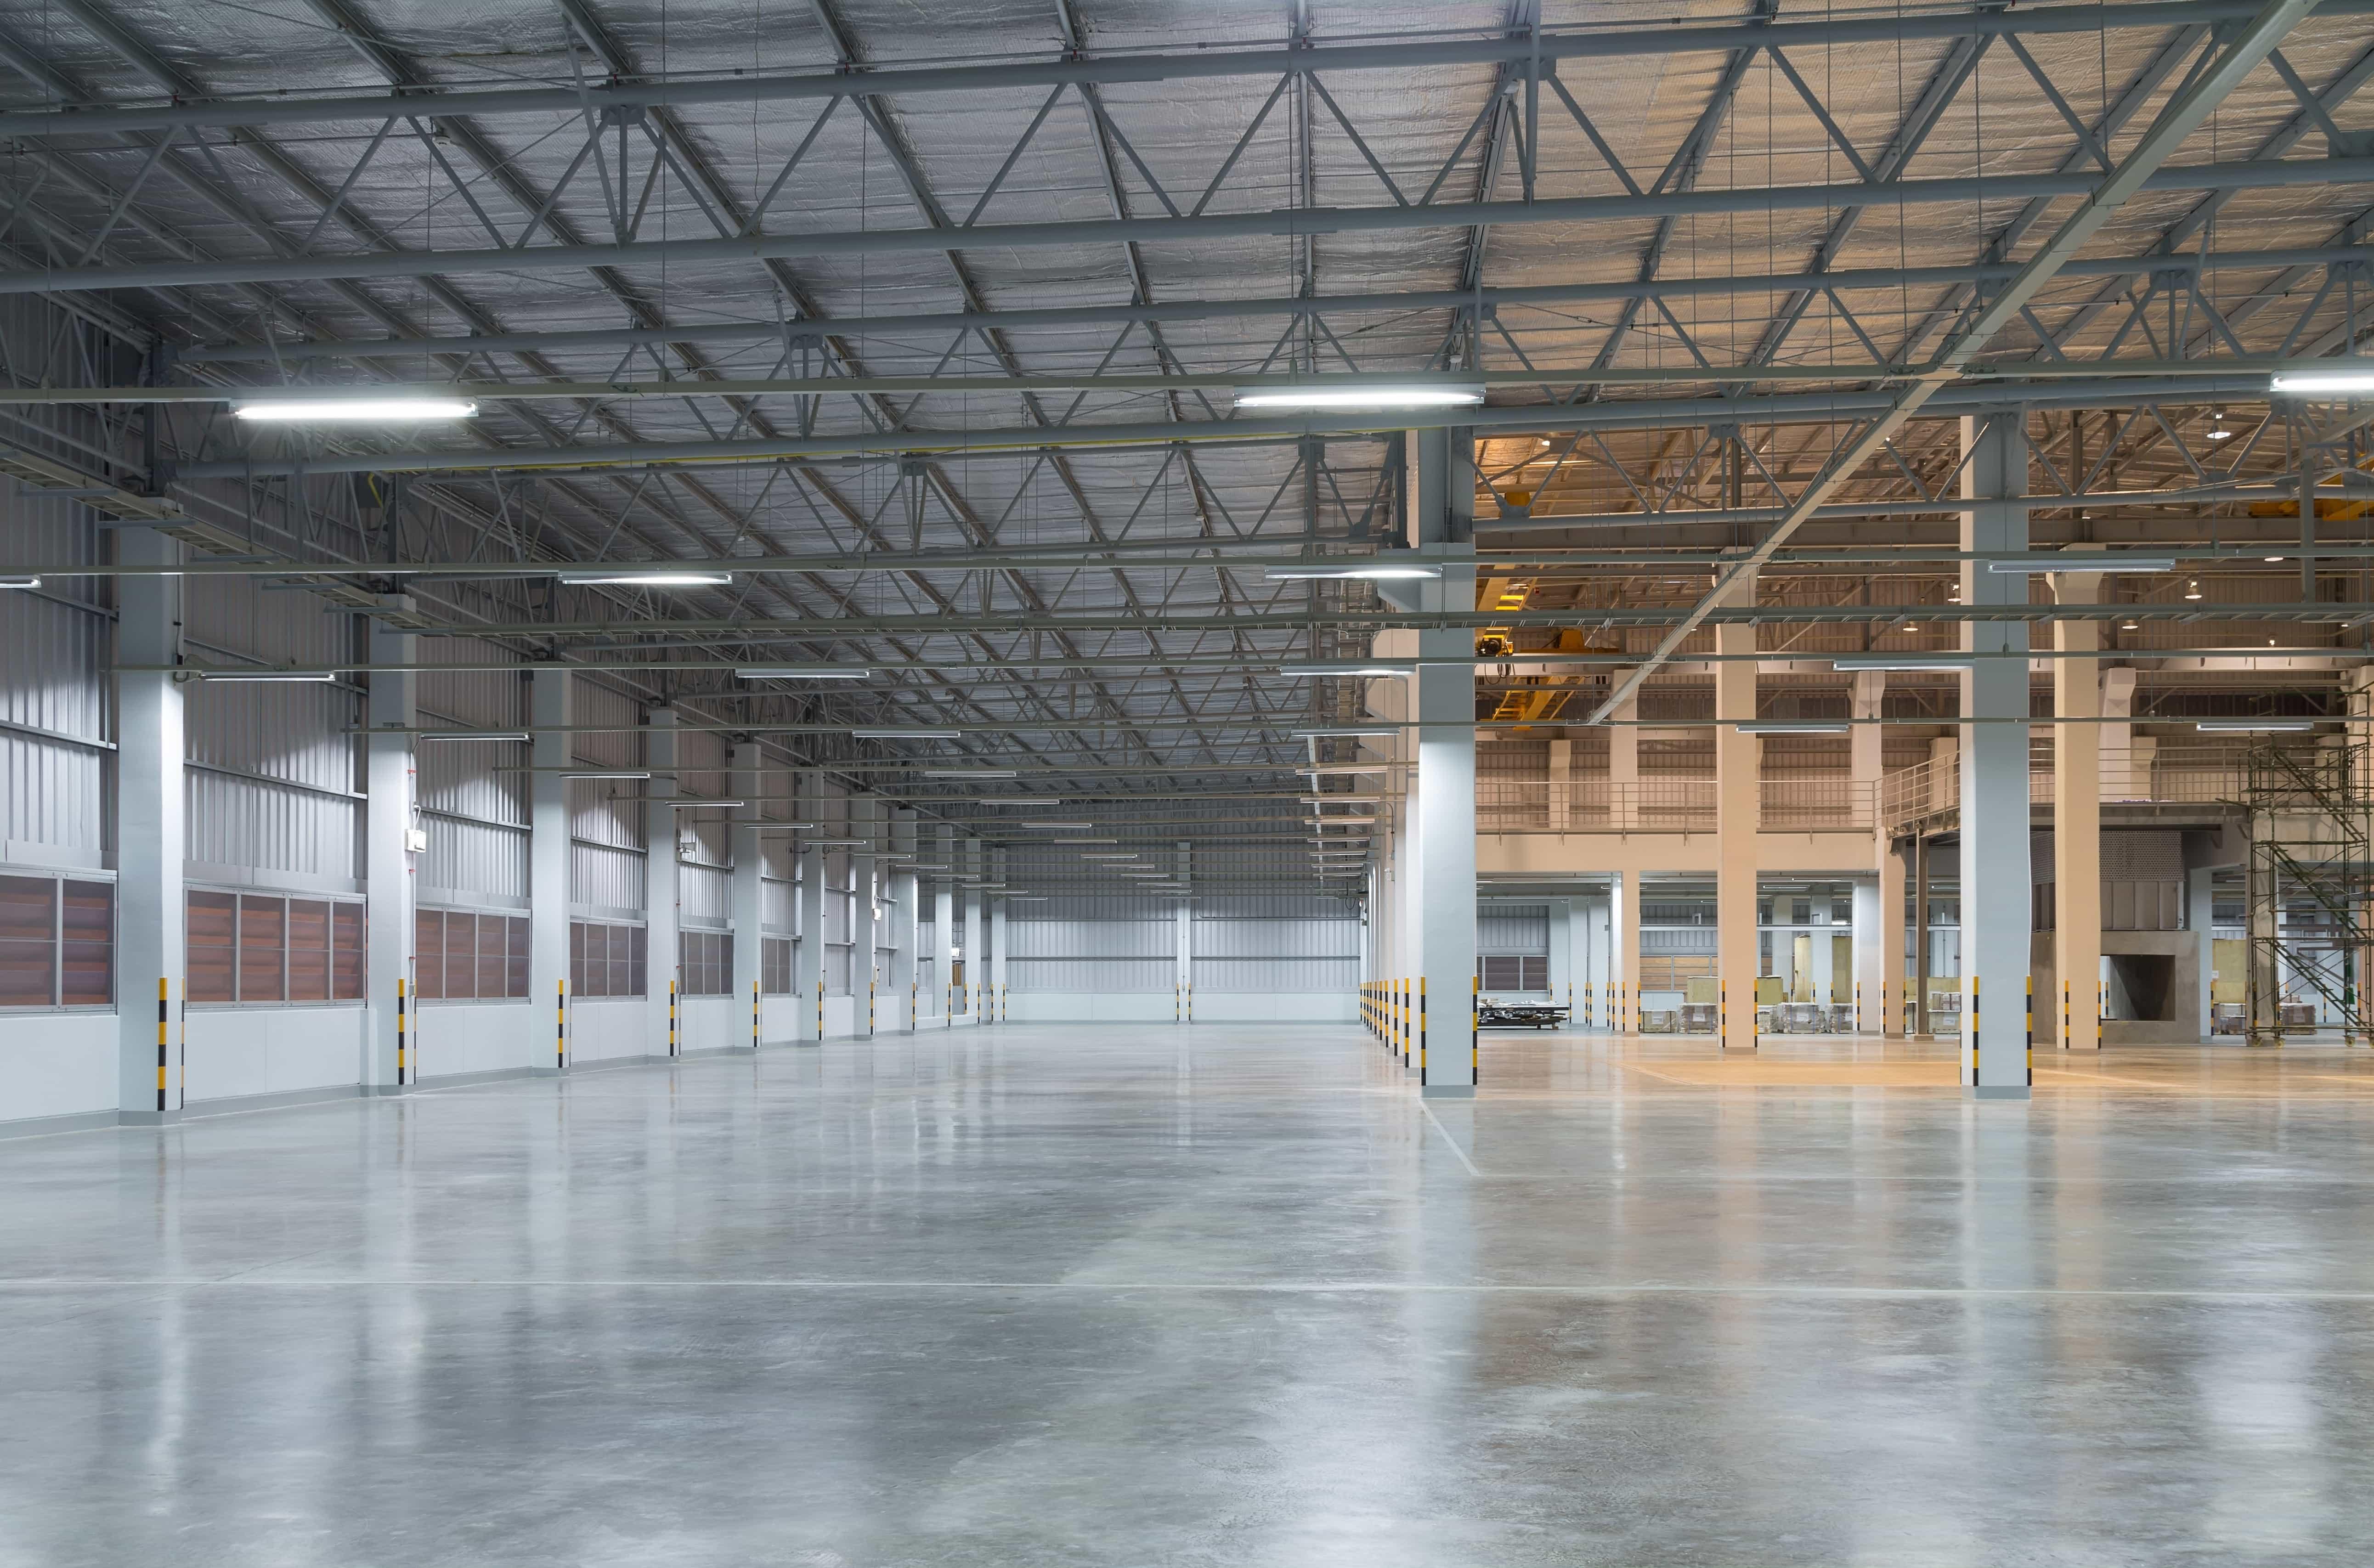 Szlifowanie i polerowanie betonu - Preparaty do ochrony posadzki betonowej - BM Floor